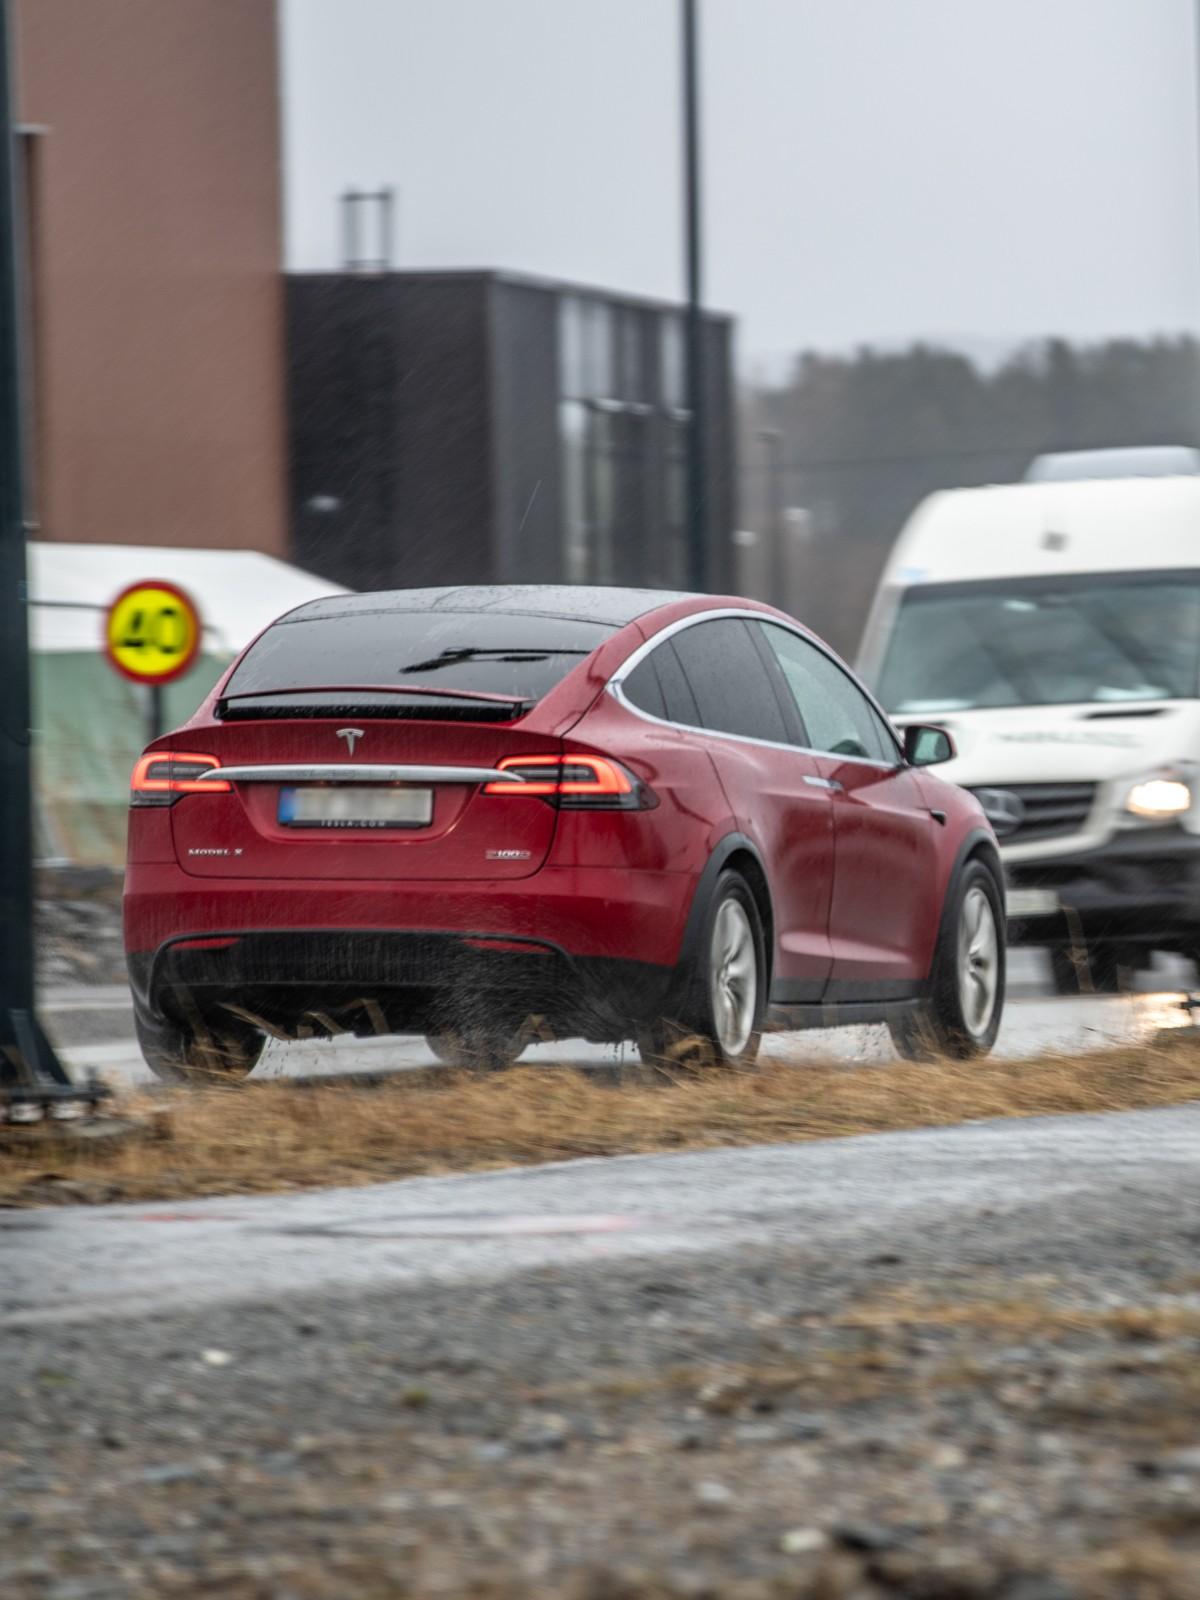 Nye elbil lademuligheter i vente i Nordland Samferdsel